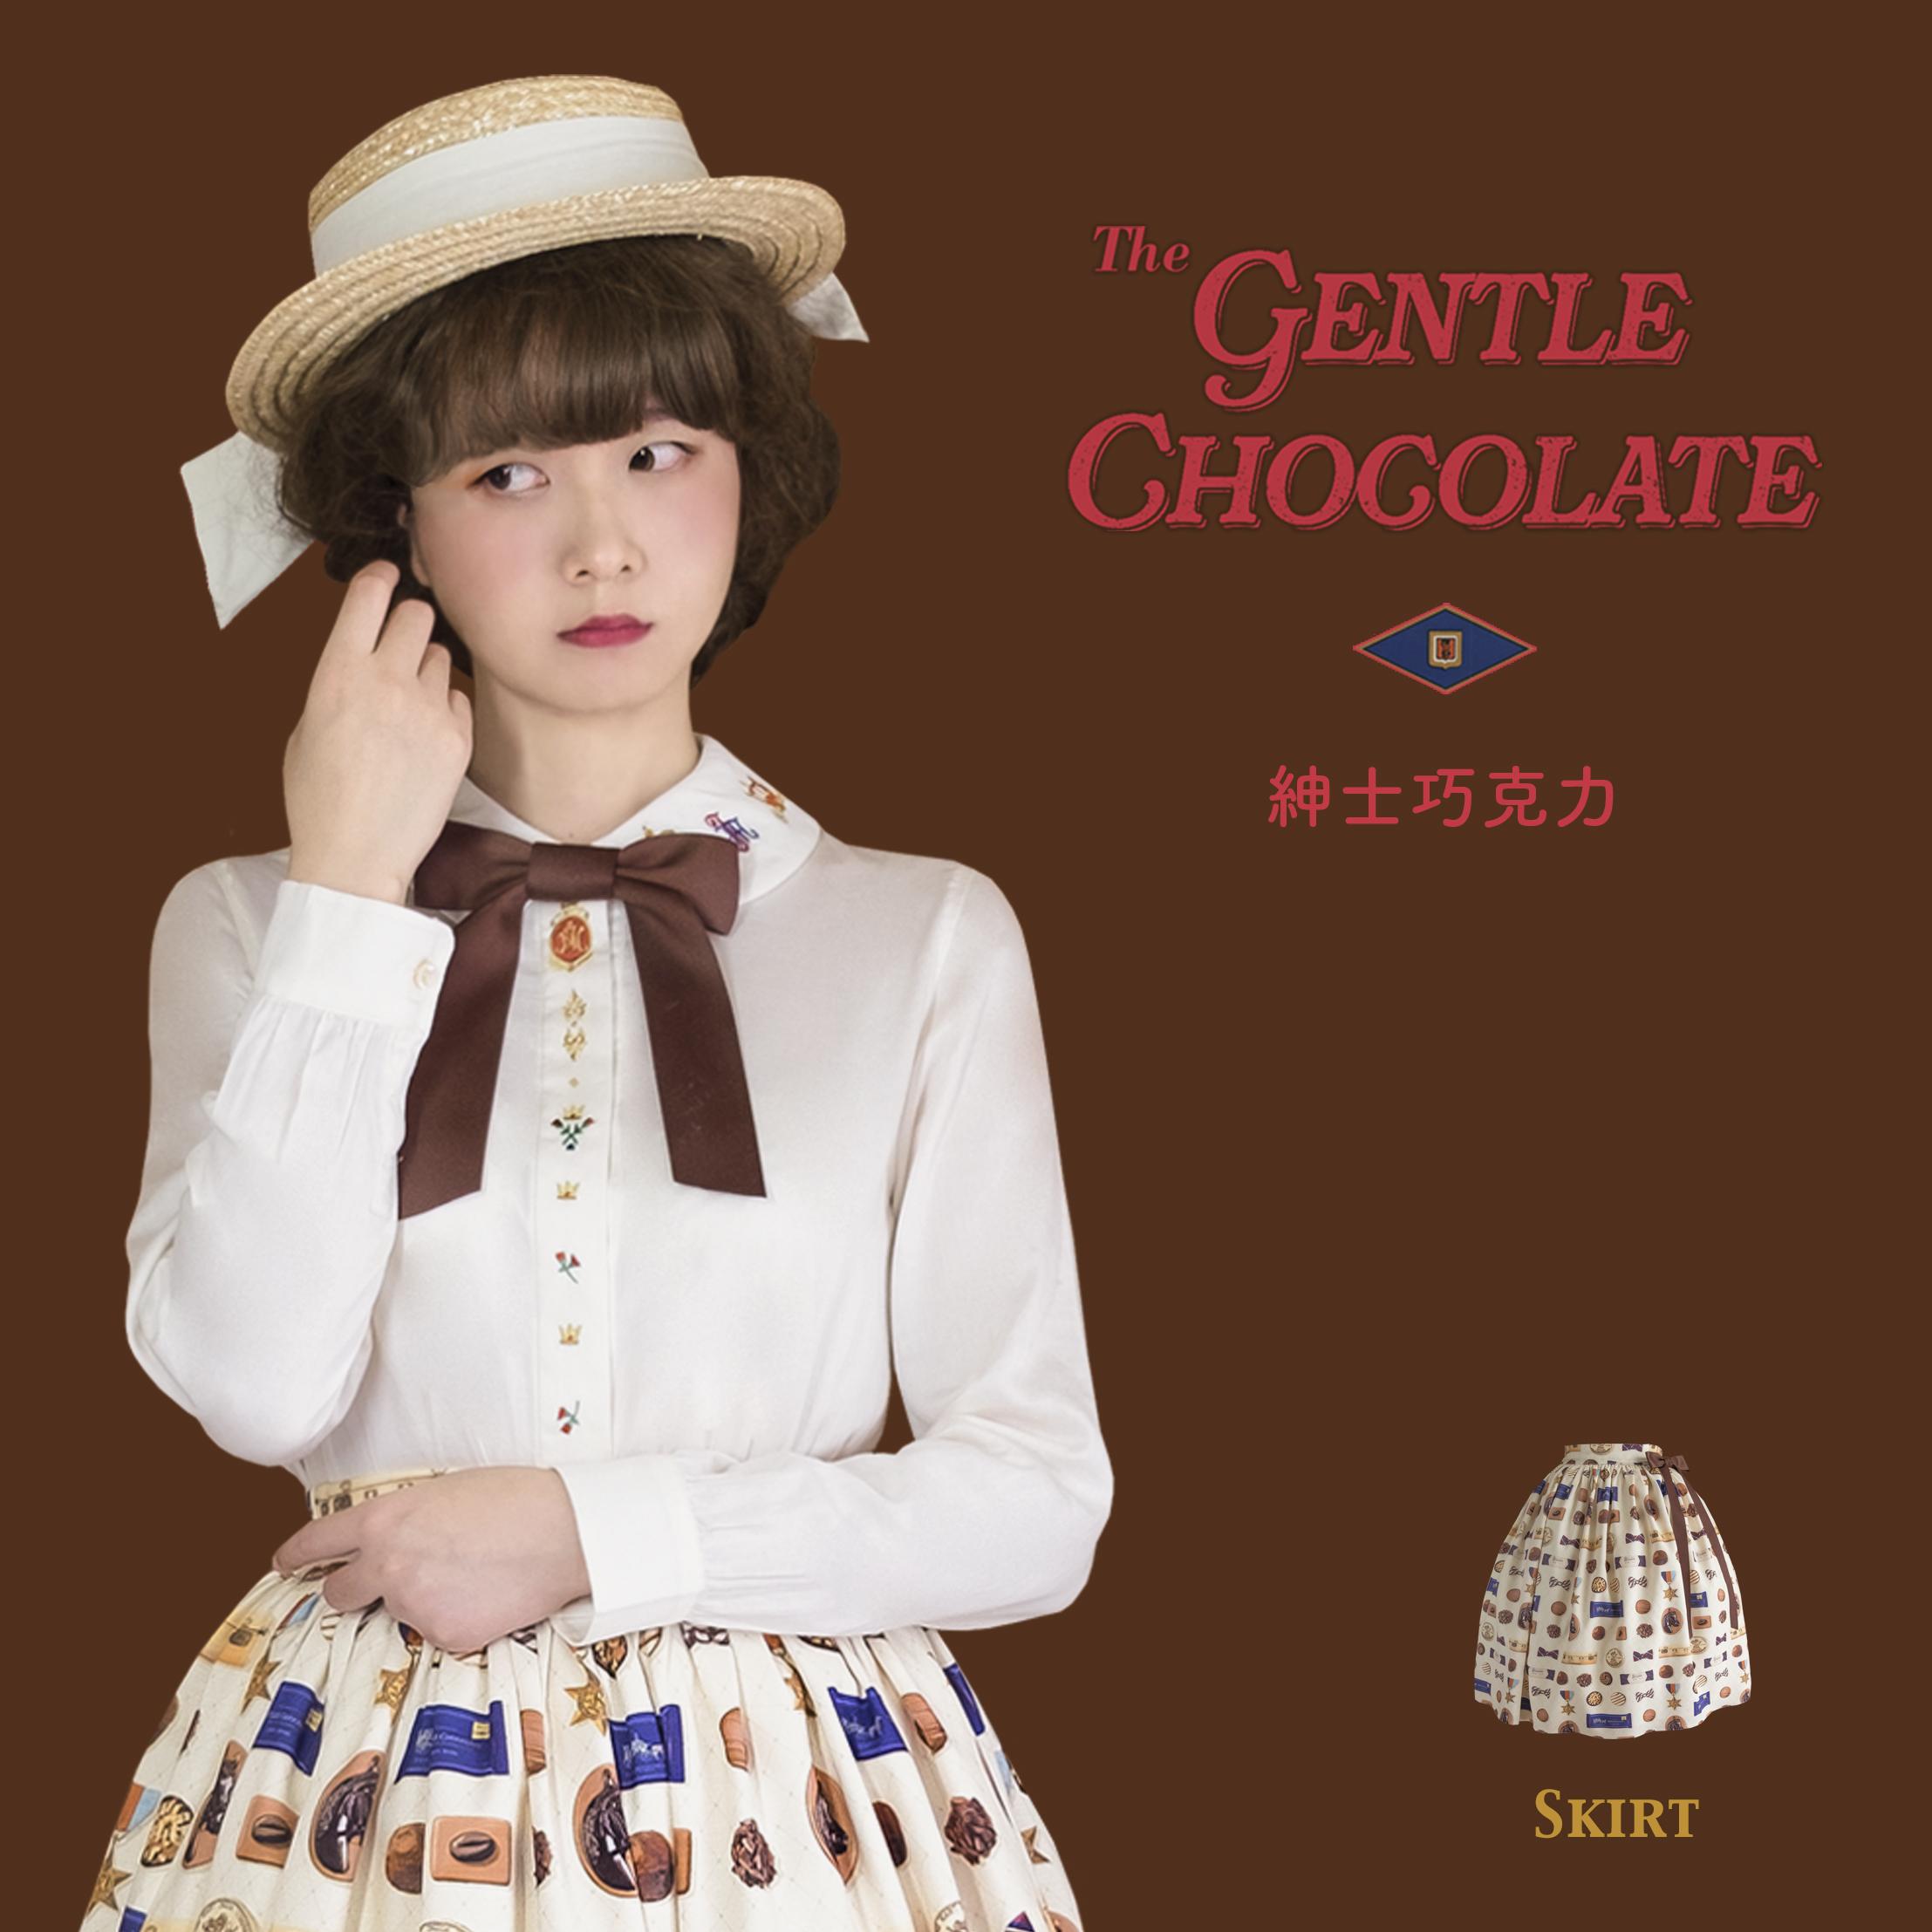 【スポット】himannaオリジナルデザイン洋装紳士チョコレートLolita Lolita LolitaハーフスカートSK